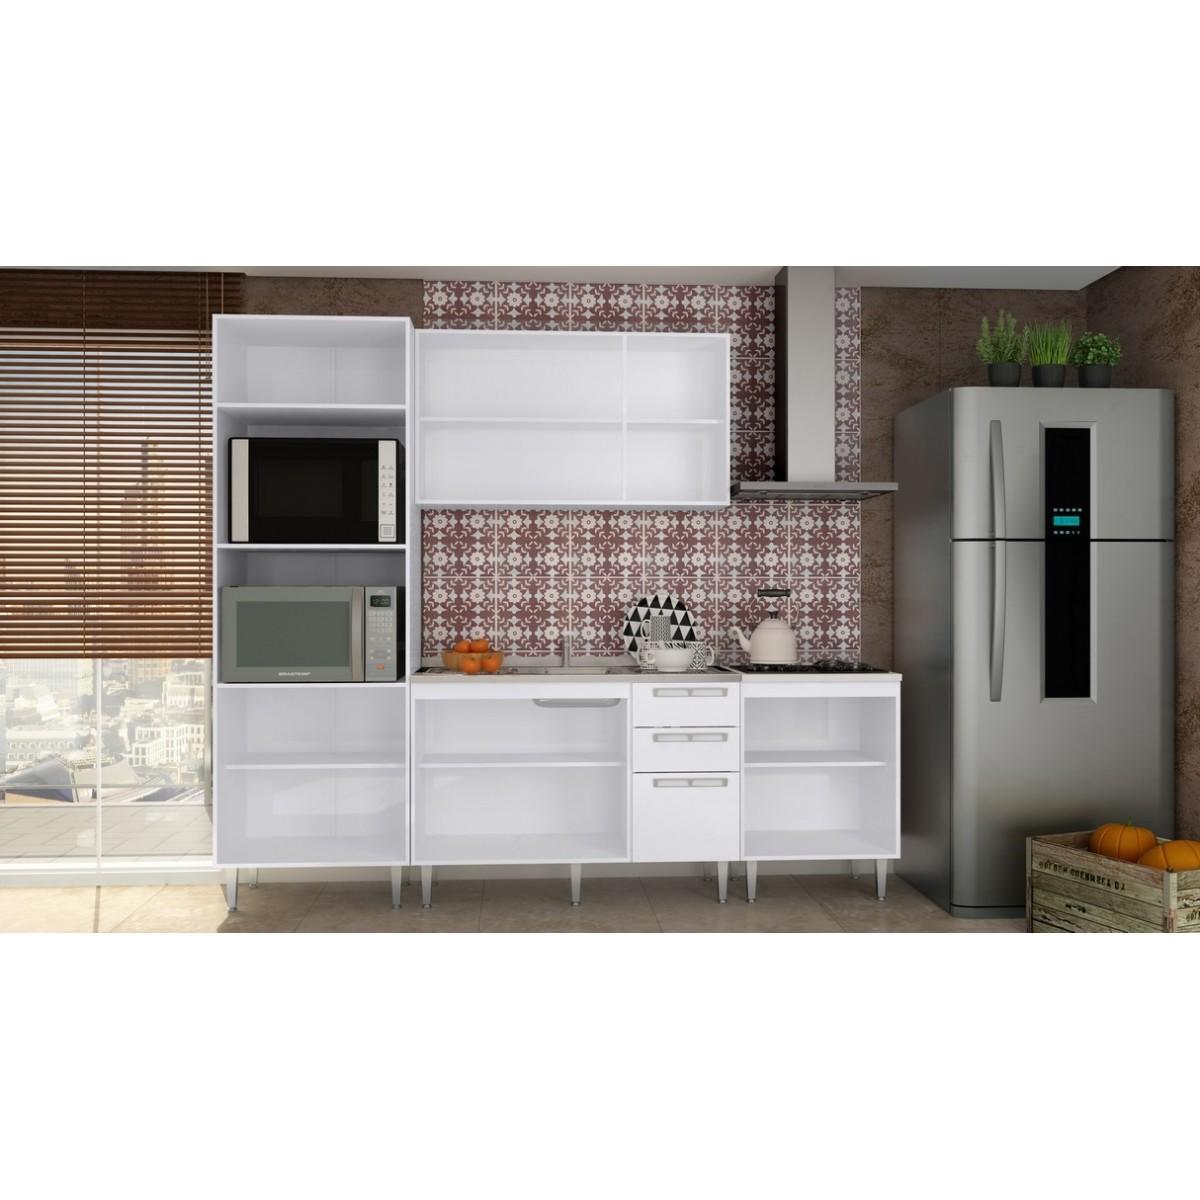 Conjunto Cozinha Modulada Completa 15 Mia Coccina